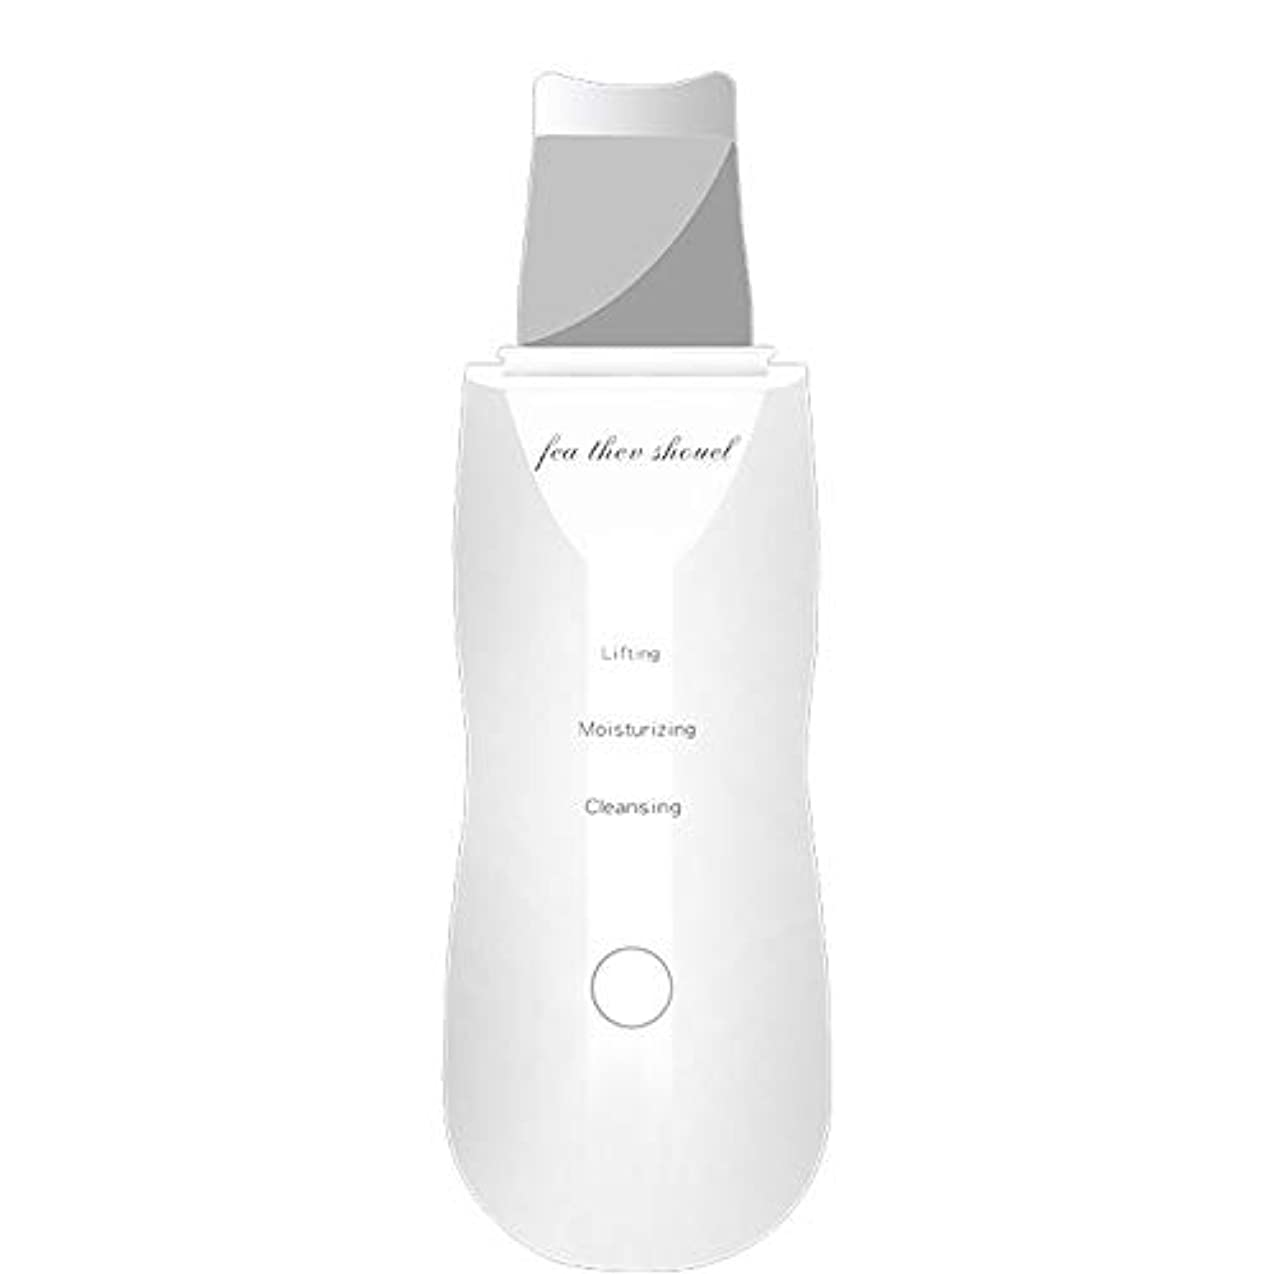 電気的プロットどっち顔の皮のスクラバー、気孔の洗剤の電気にきび顔の皮のスクラバーUSBの再充電可能な皮のマッサージのスクラバー